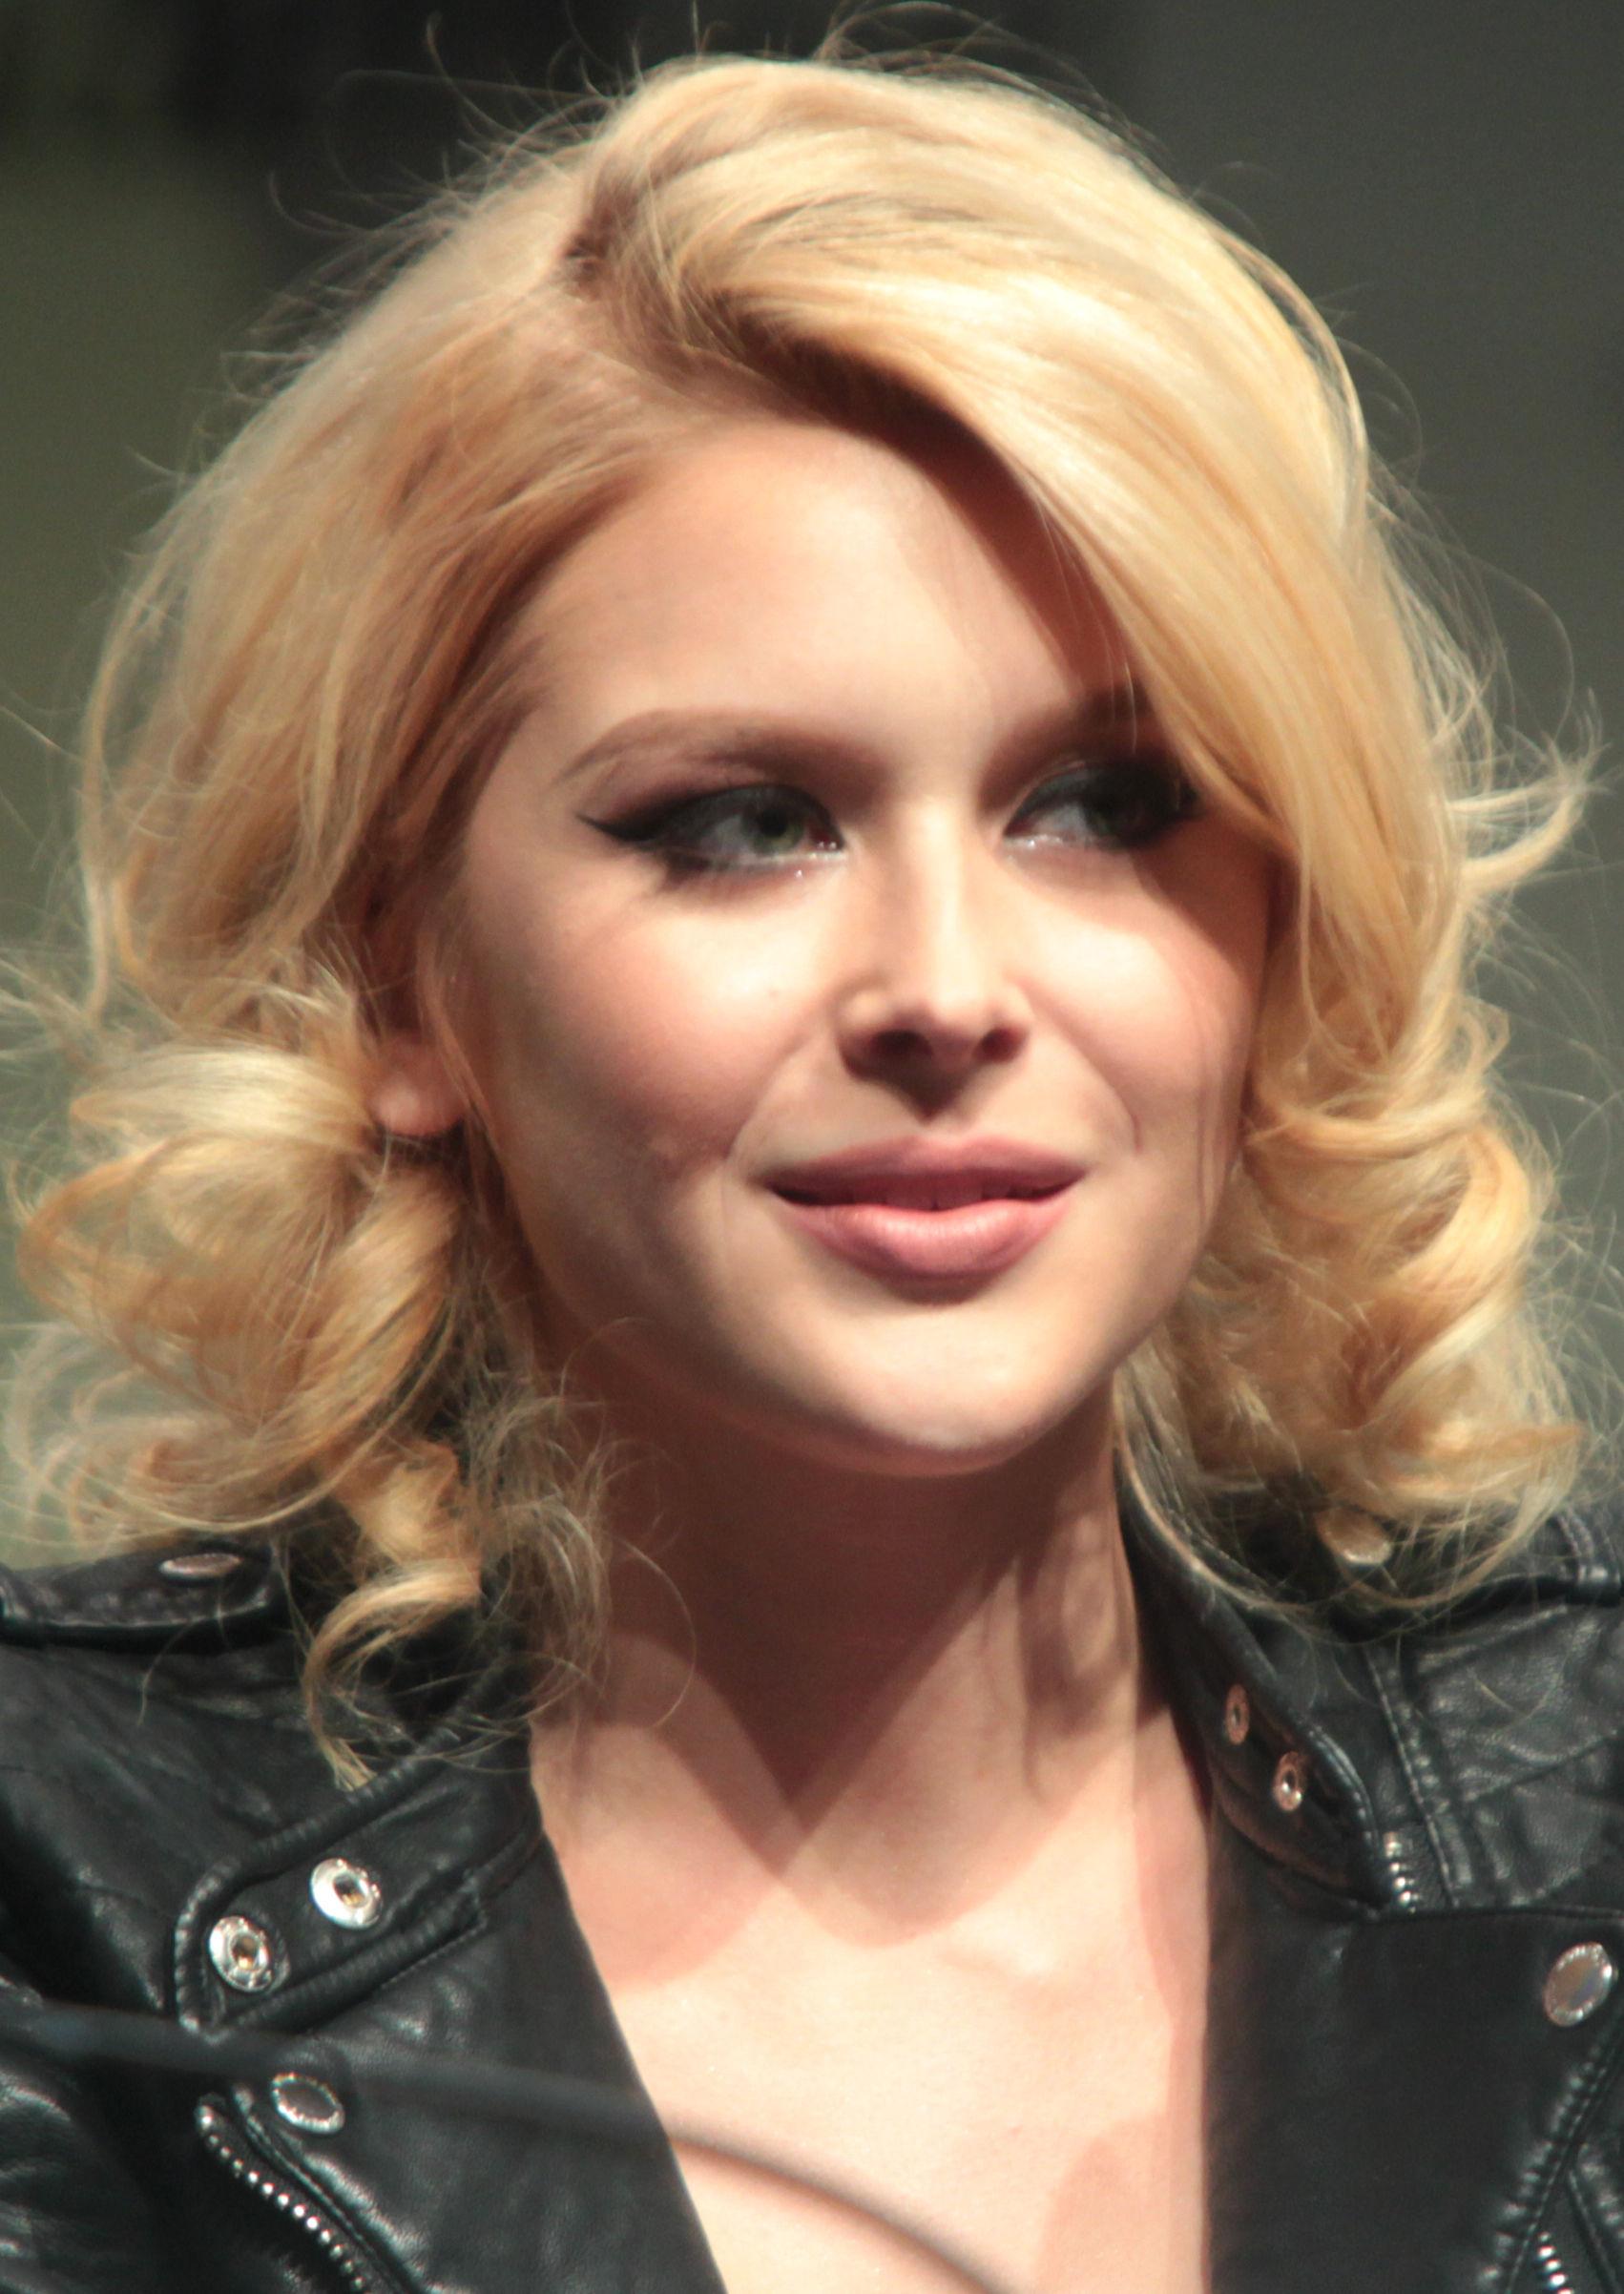 Photo of Renee Olstead: Actress, singer